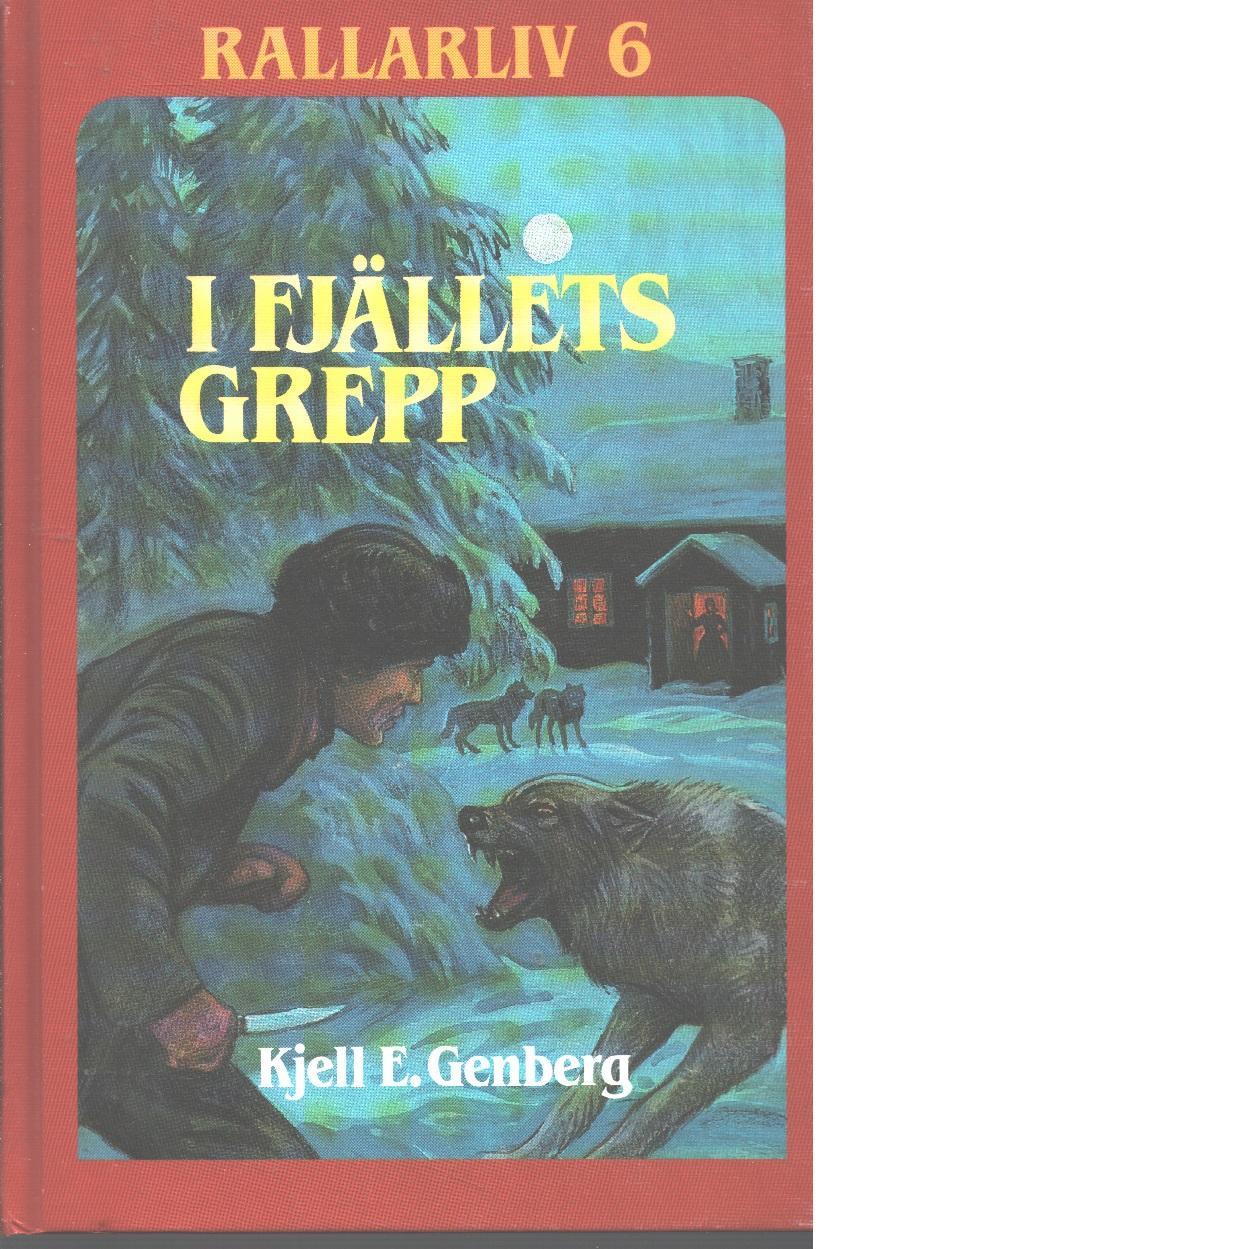 Rallarliv 6 : I fjällets grepp - Genberg, Kjell E.